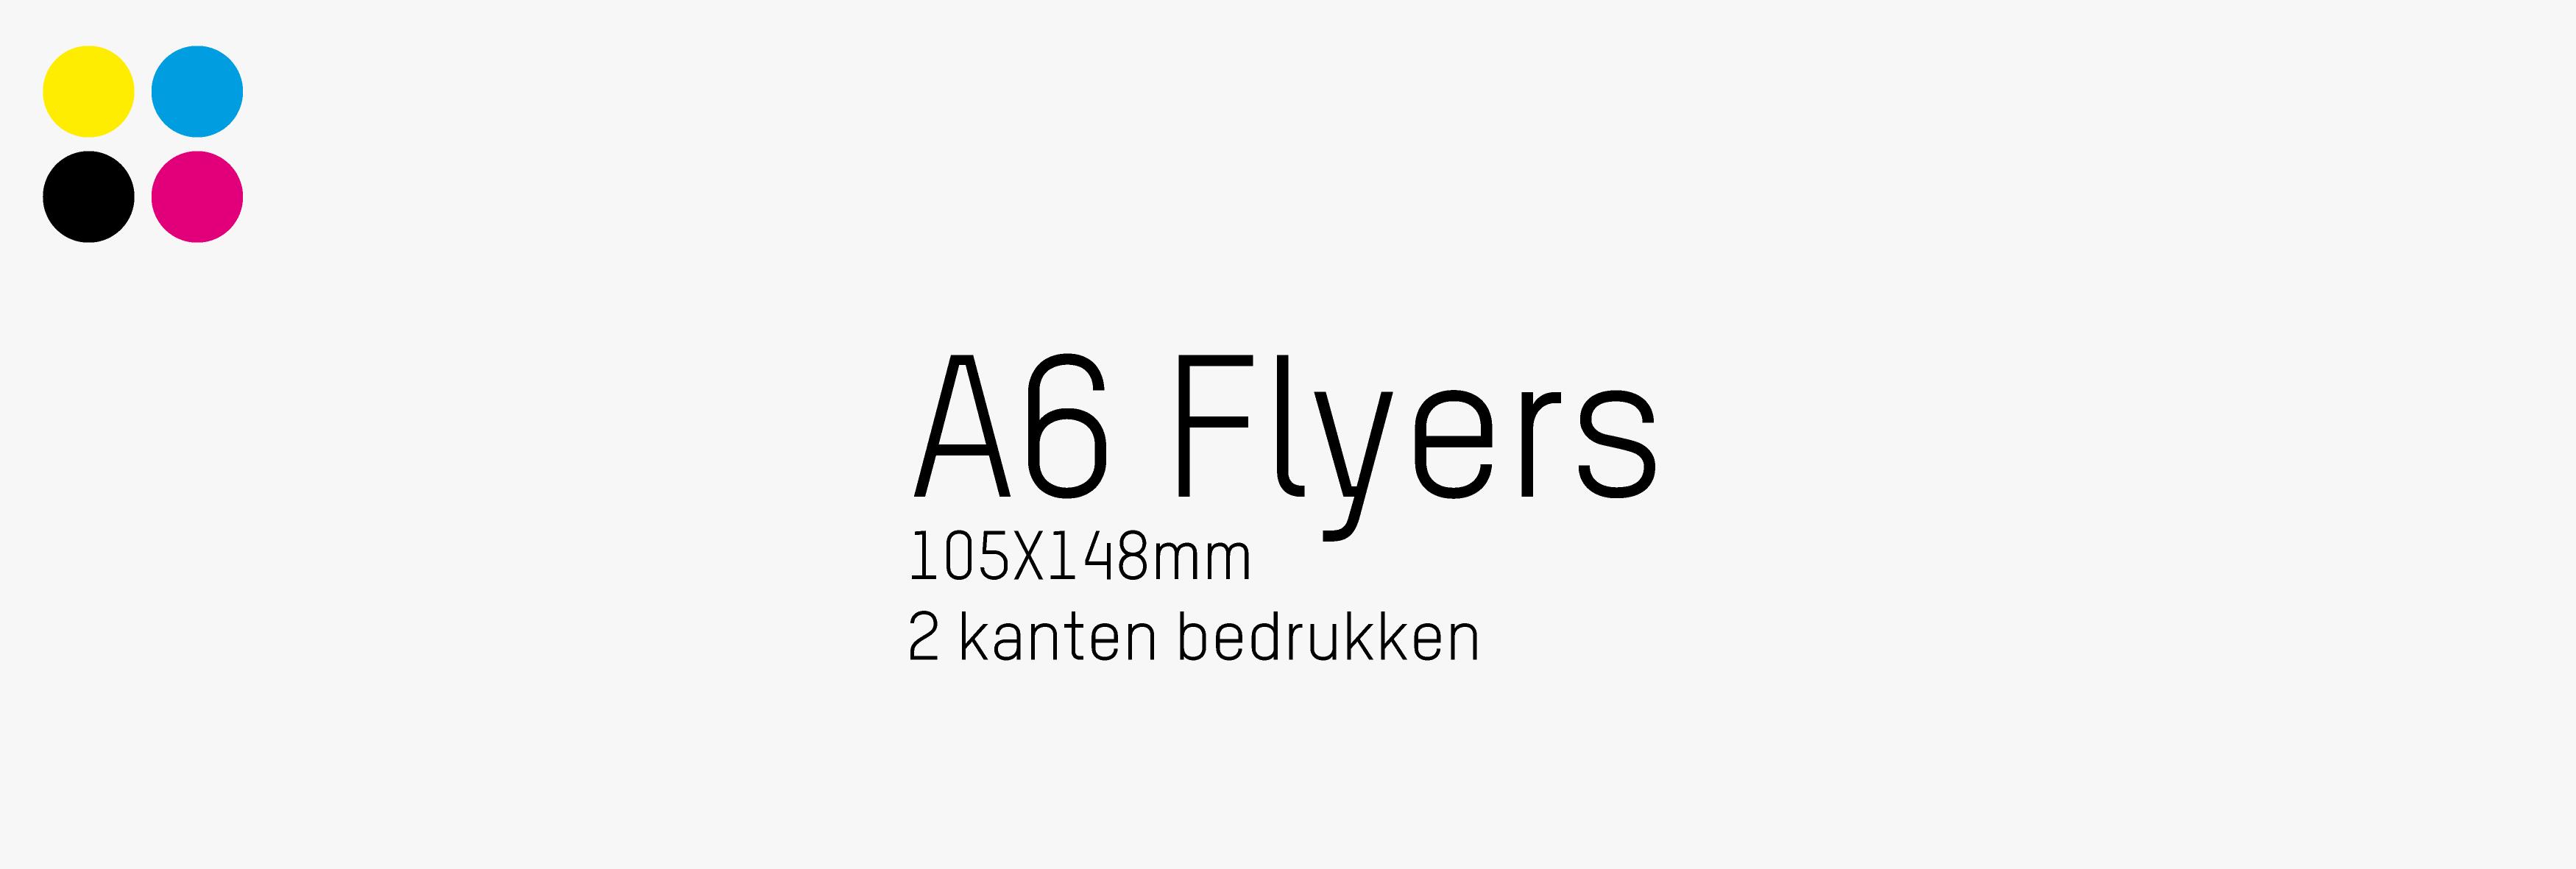 flyersA6